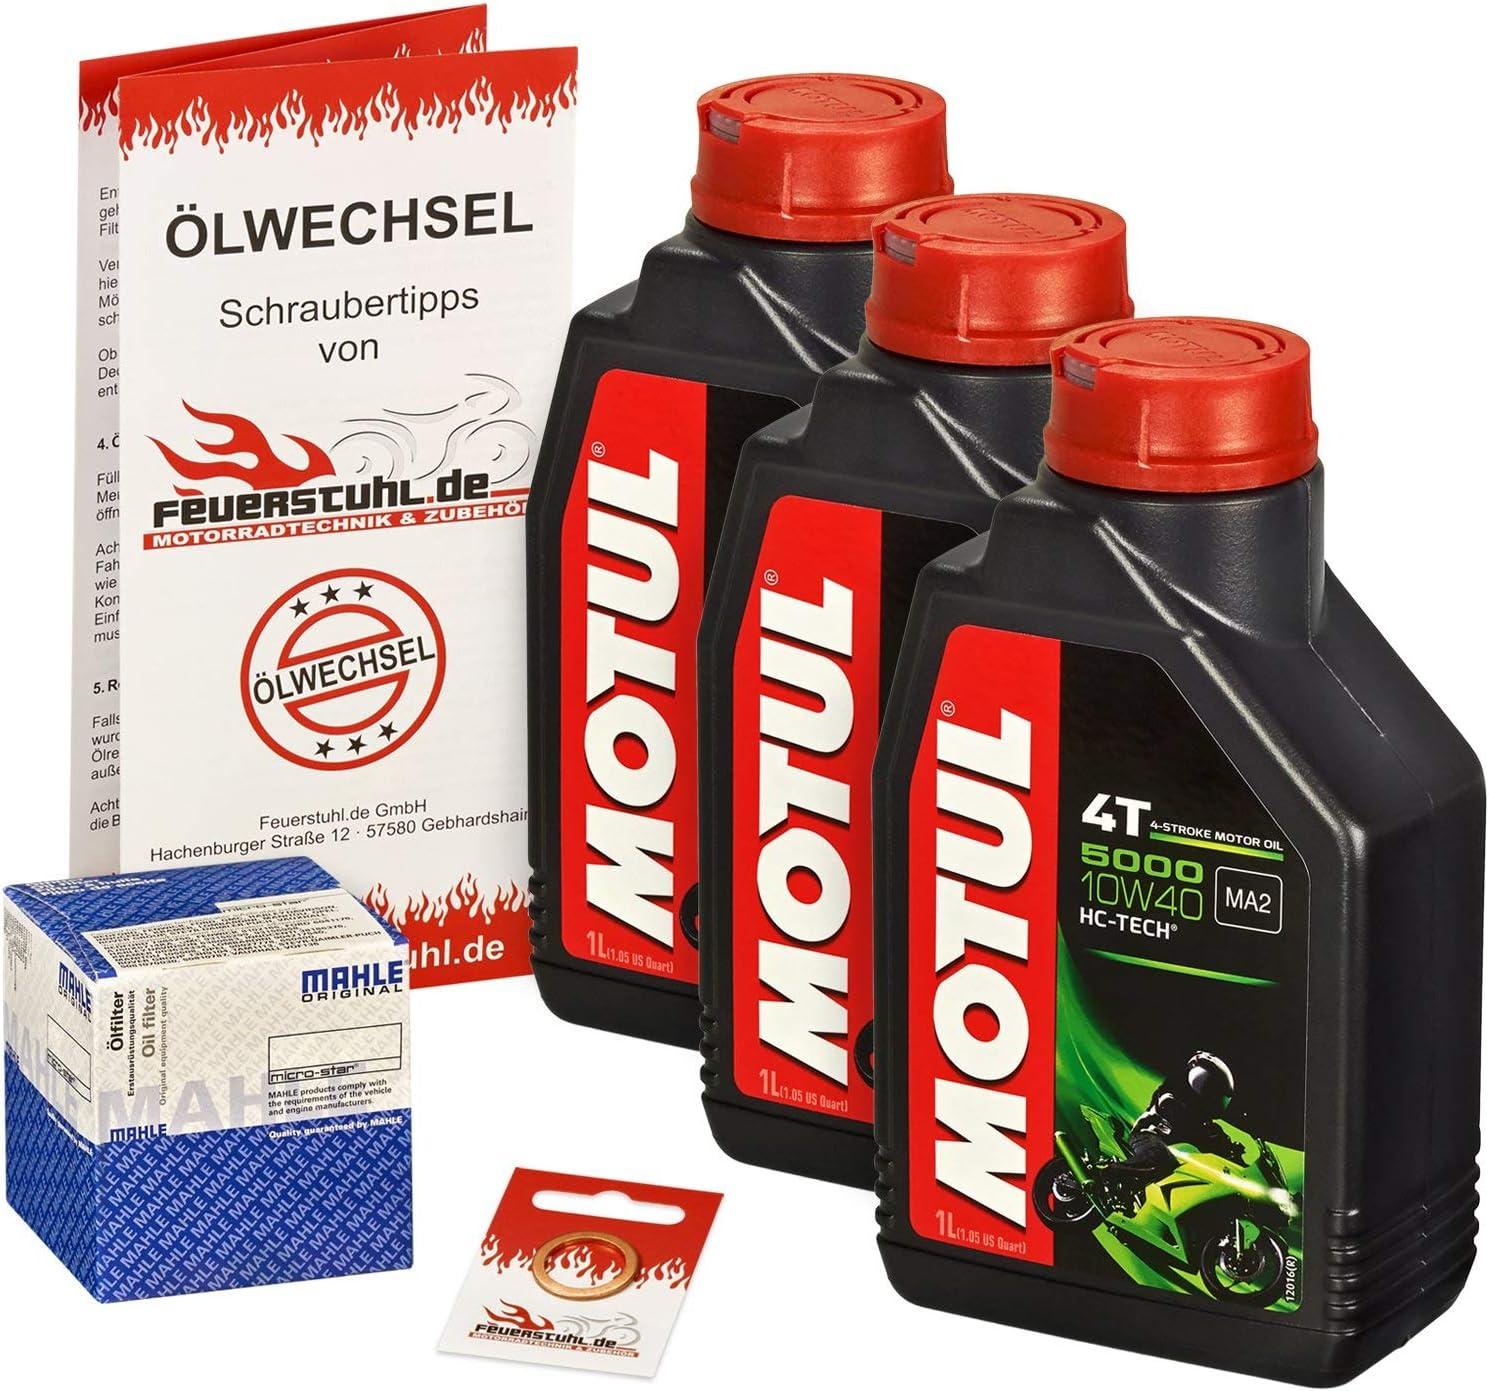 Motul 10w 40 Öl Mahle Ölfilter Für Yamaha Yzf R1 98 01 Rn01 Rn04 Ölwechselset Inkl Motoröl Filter Dichtring Auto